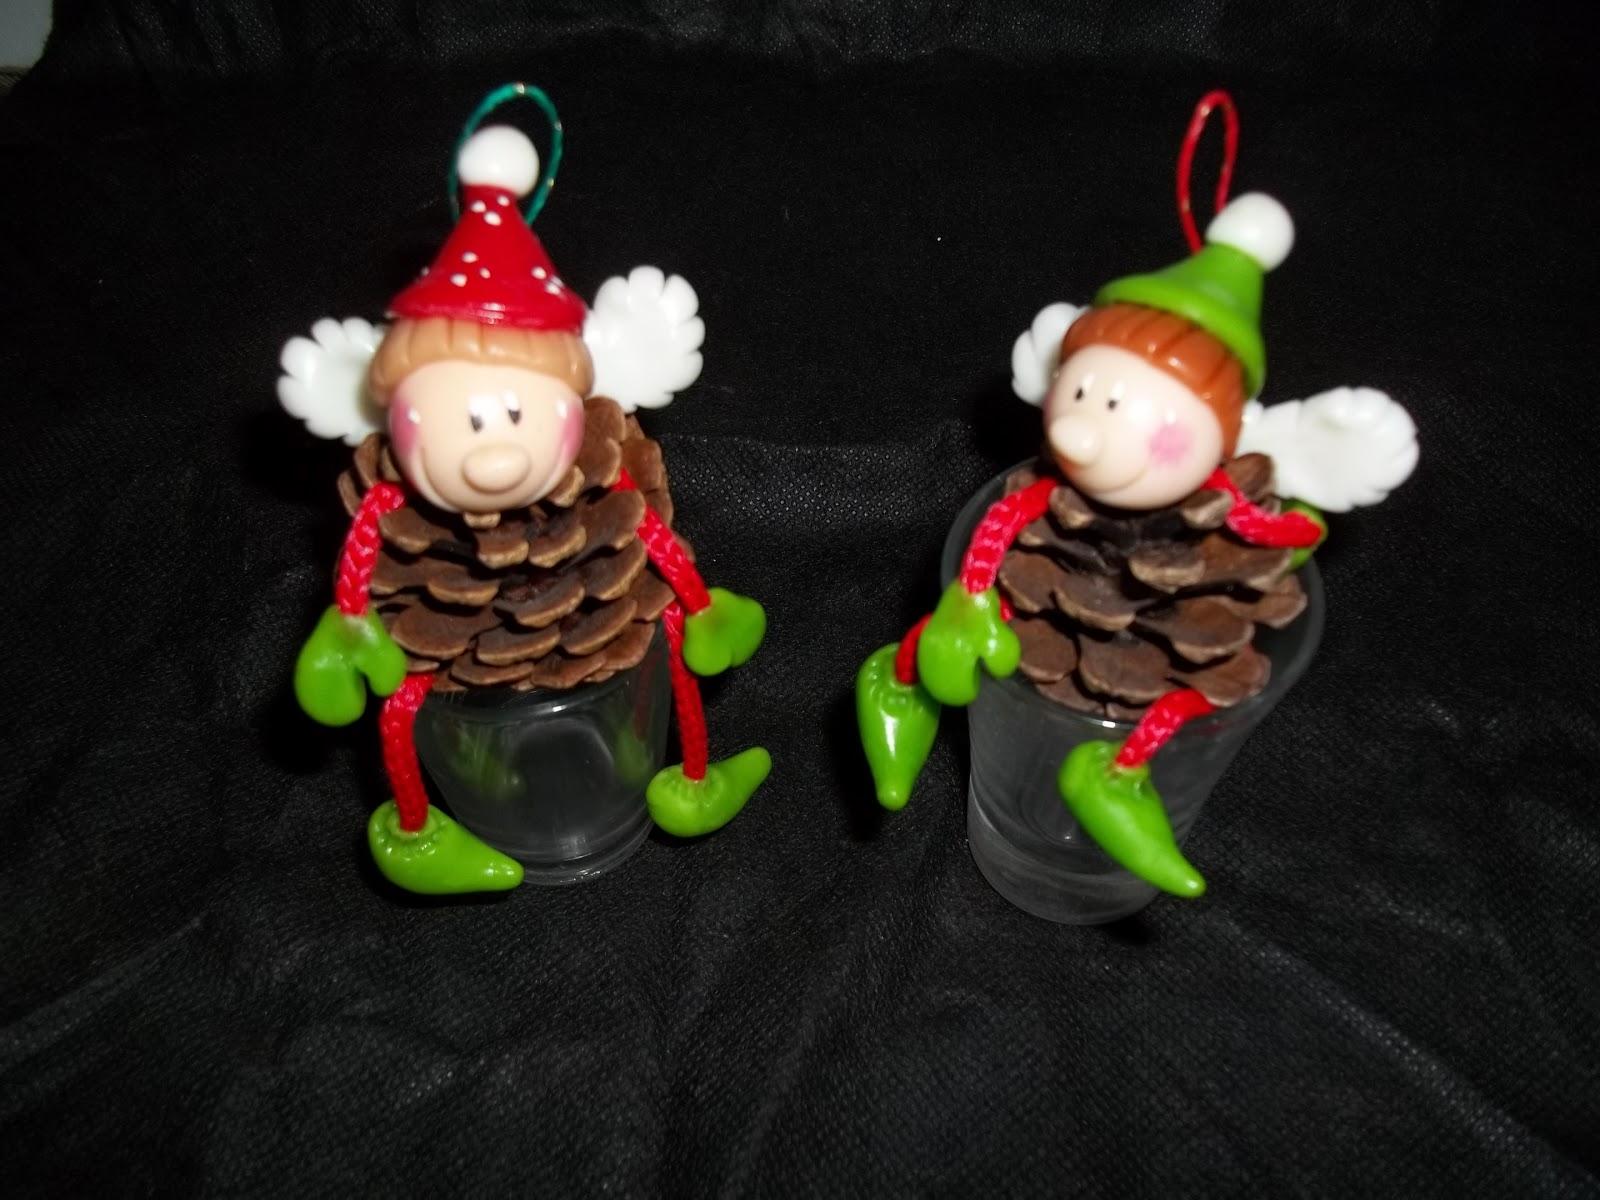 Porcelana fria adornos navide os for Adornos navidenos en porcelana fria utilisima